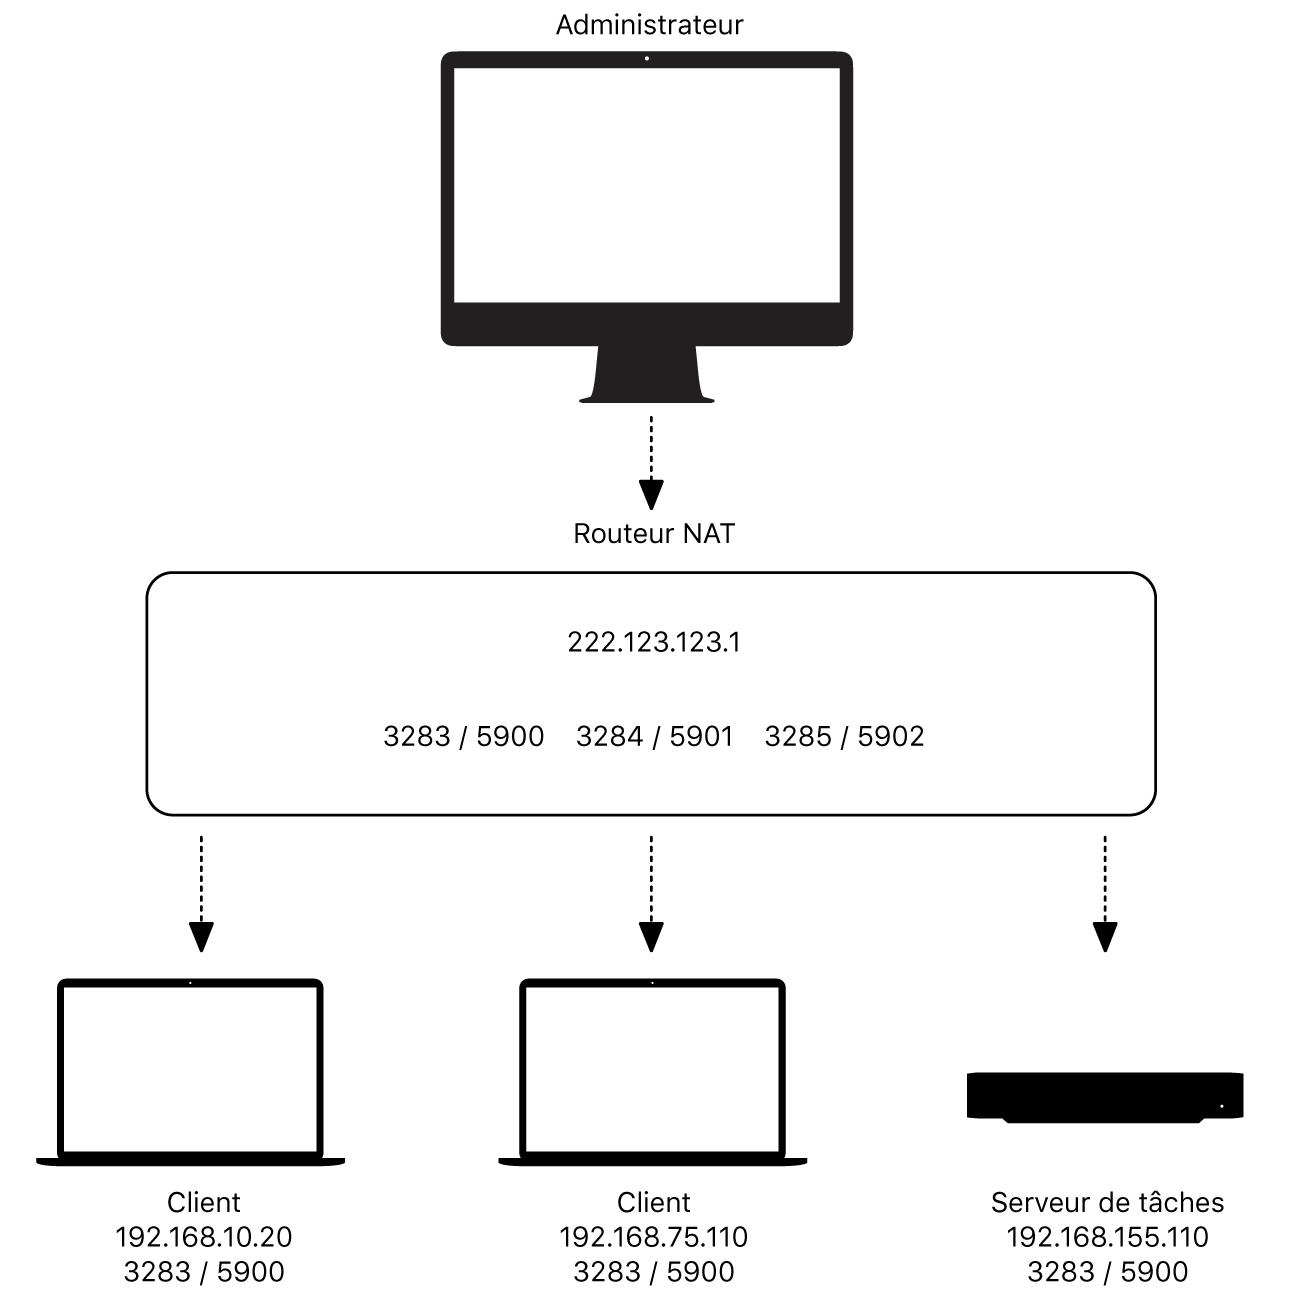 Exemple de diagramme de routeurNAT